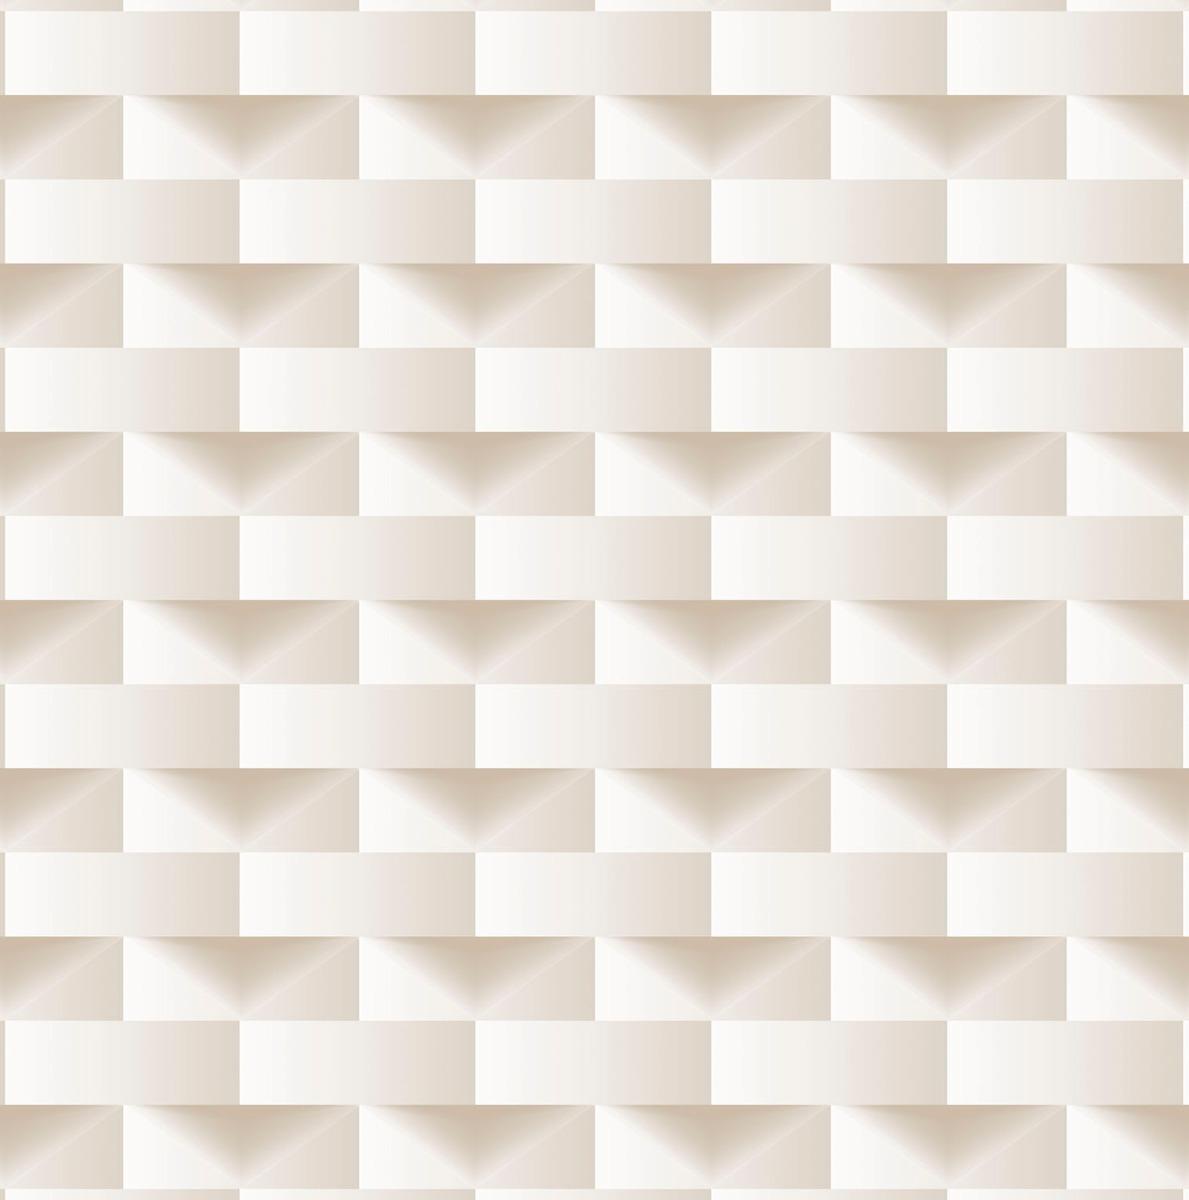 Kit 3 Papel Parede 3d Lav Vel Vin Lico Geometrico Sala Quart R  -> Papel De Parede Para Sala Lavavel